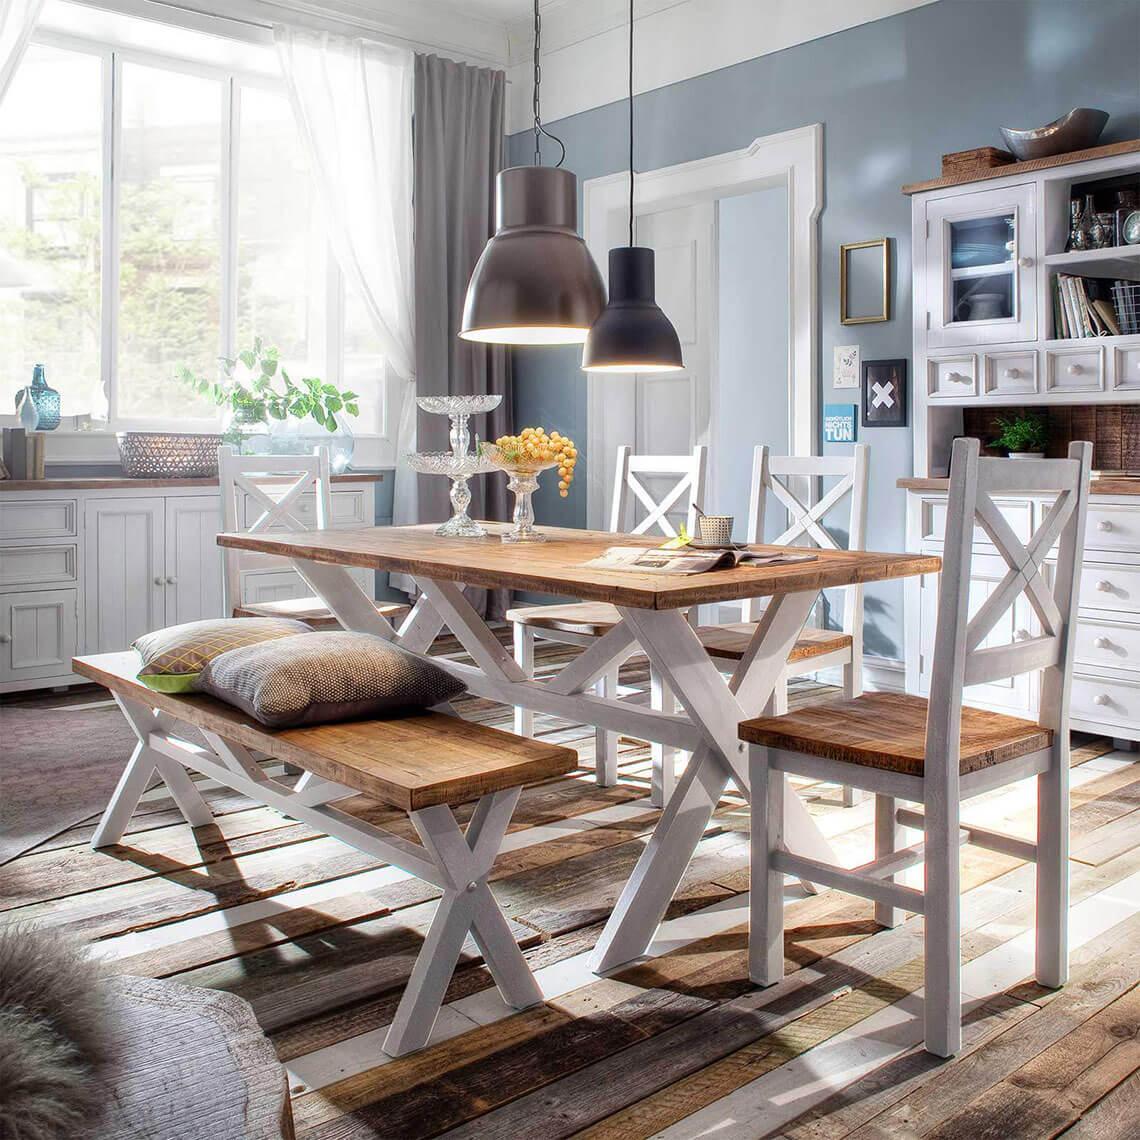 landhausm bel in pinie das byron massivholz wohnprogramm. Black Bedroom Furniture Sets. Home Design Ideas